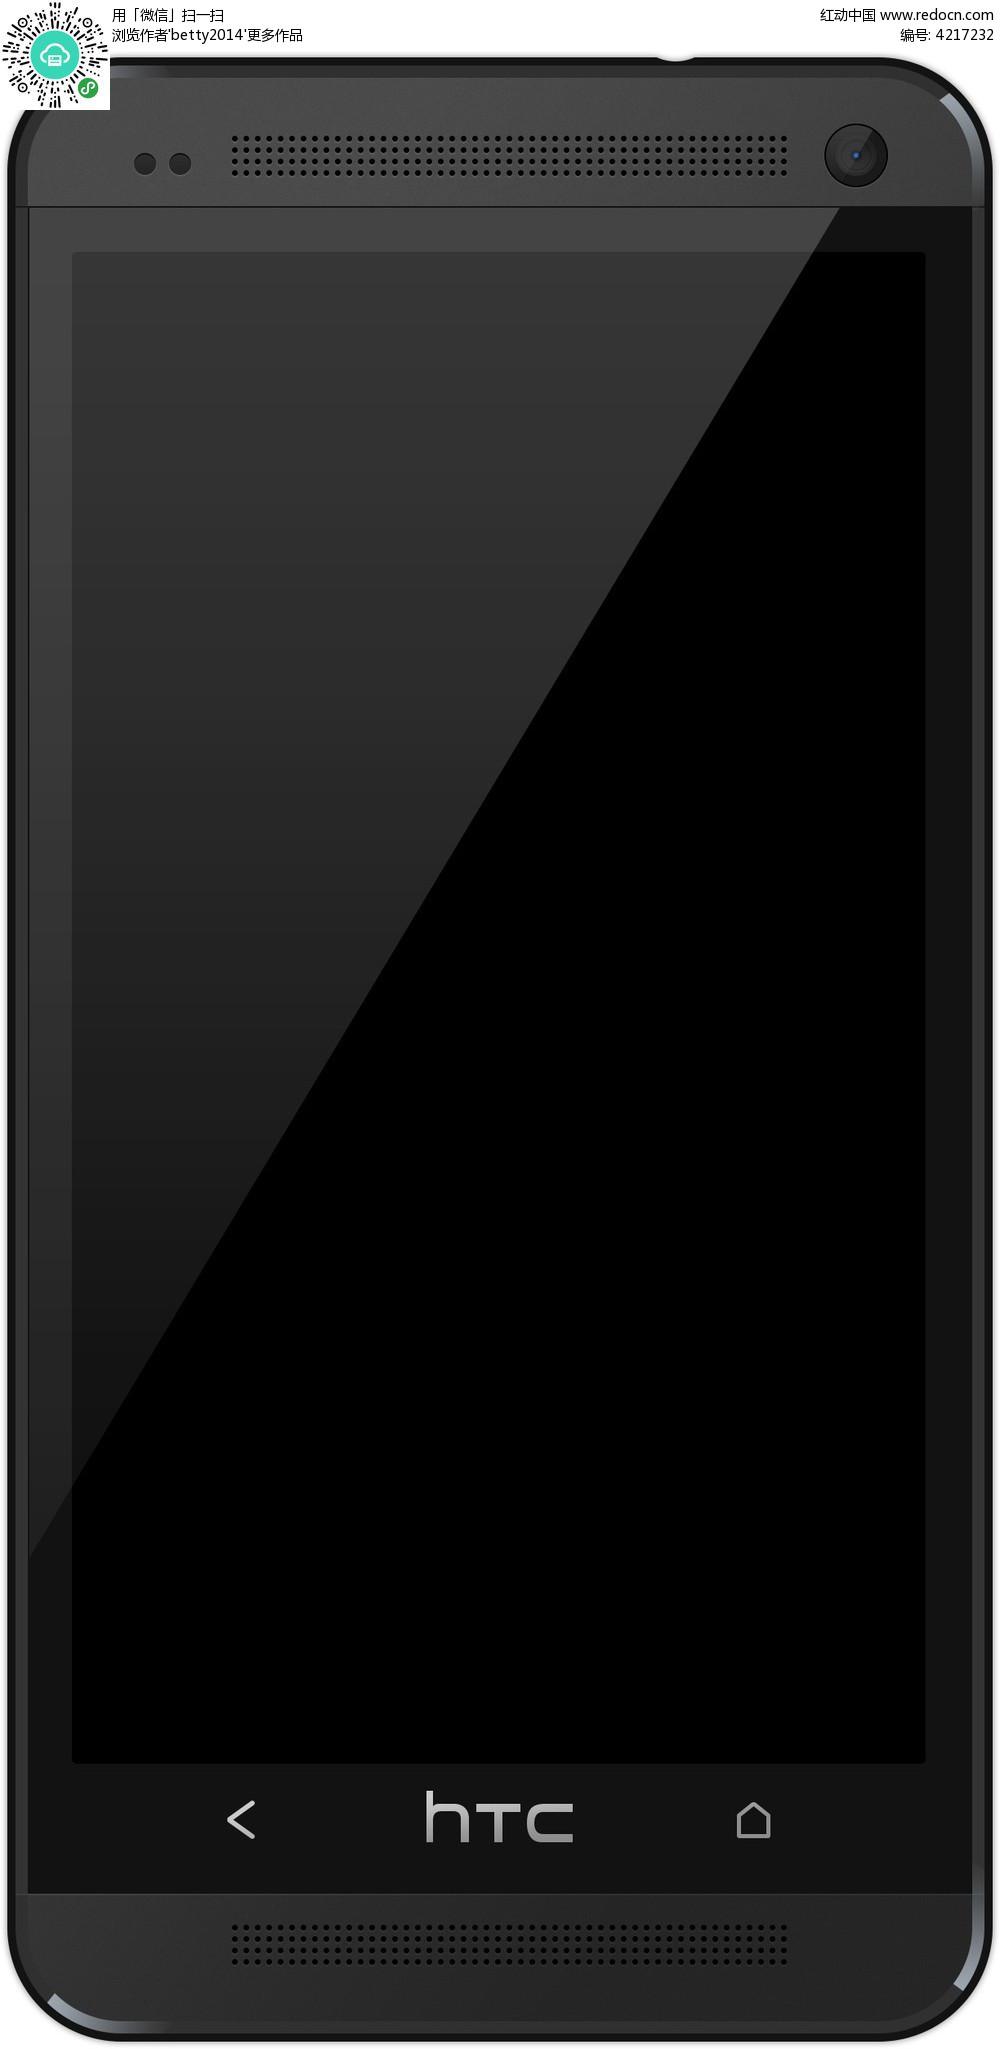 华为手机_免费素材 网页模板 手机app素材 app界面 黑色华为手机界面图片  请您